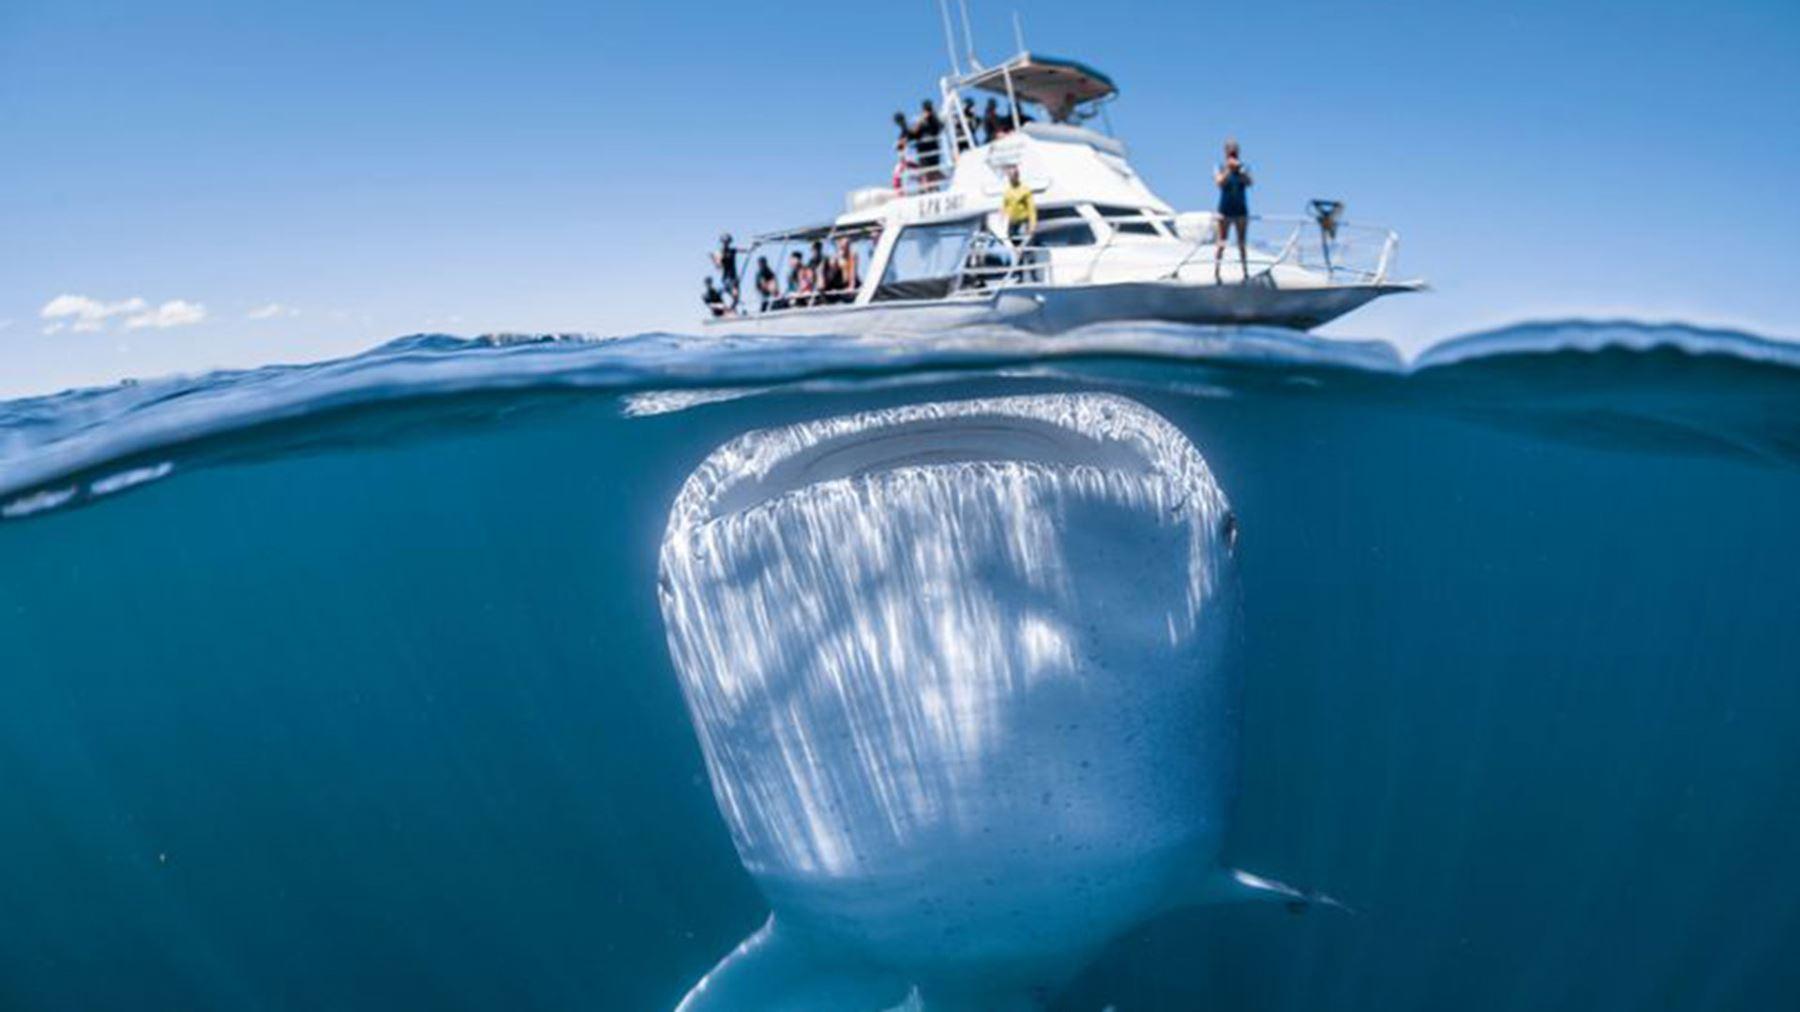 Tiburón ballena juega con turistas en Australia